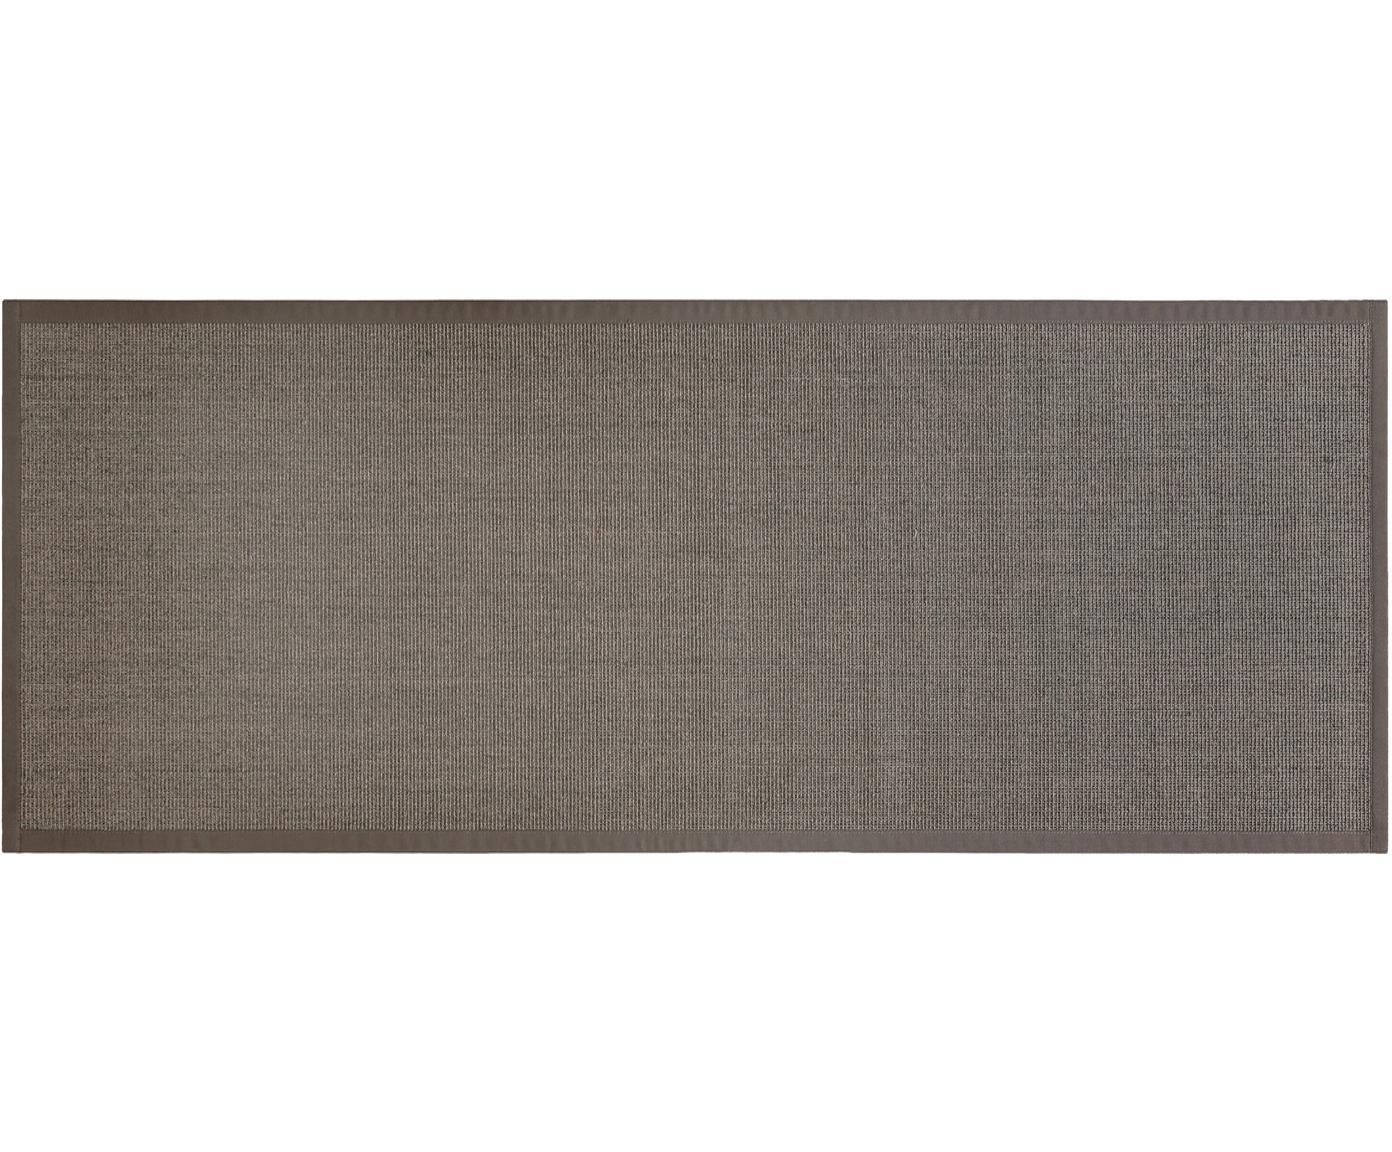 Passatoia in sisal Leonie, Fibra di sisal, Marrone grigio, Larg. 80 x Lung. 200 cm